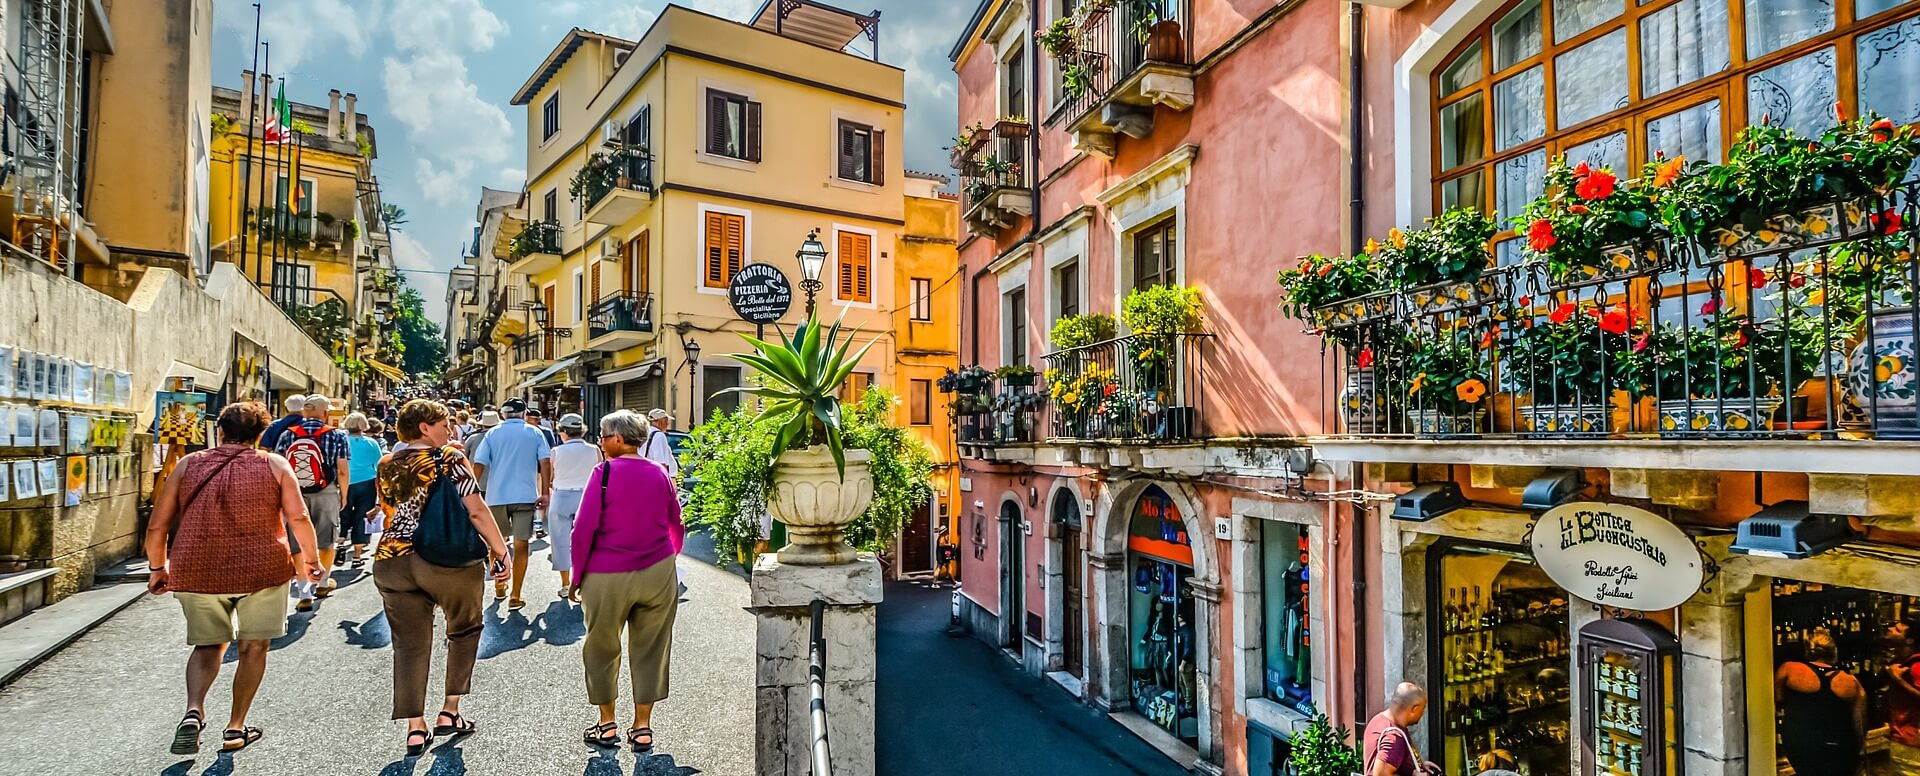 Lieux à découvrir en Sicile - Sicile